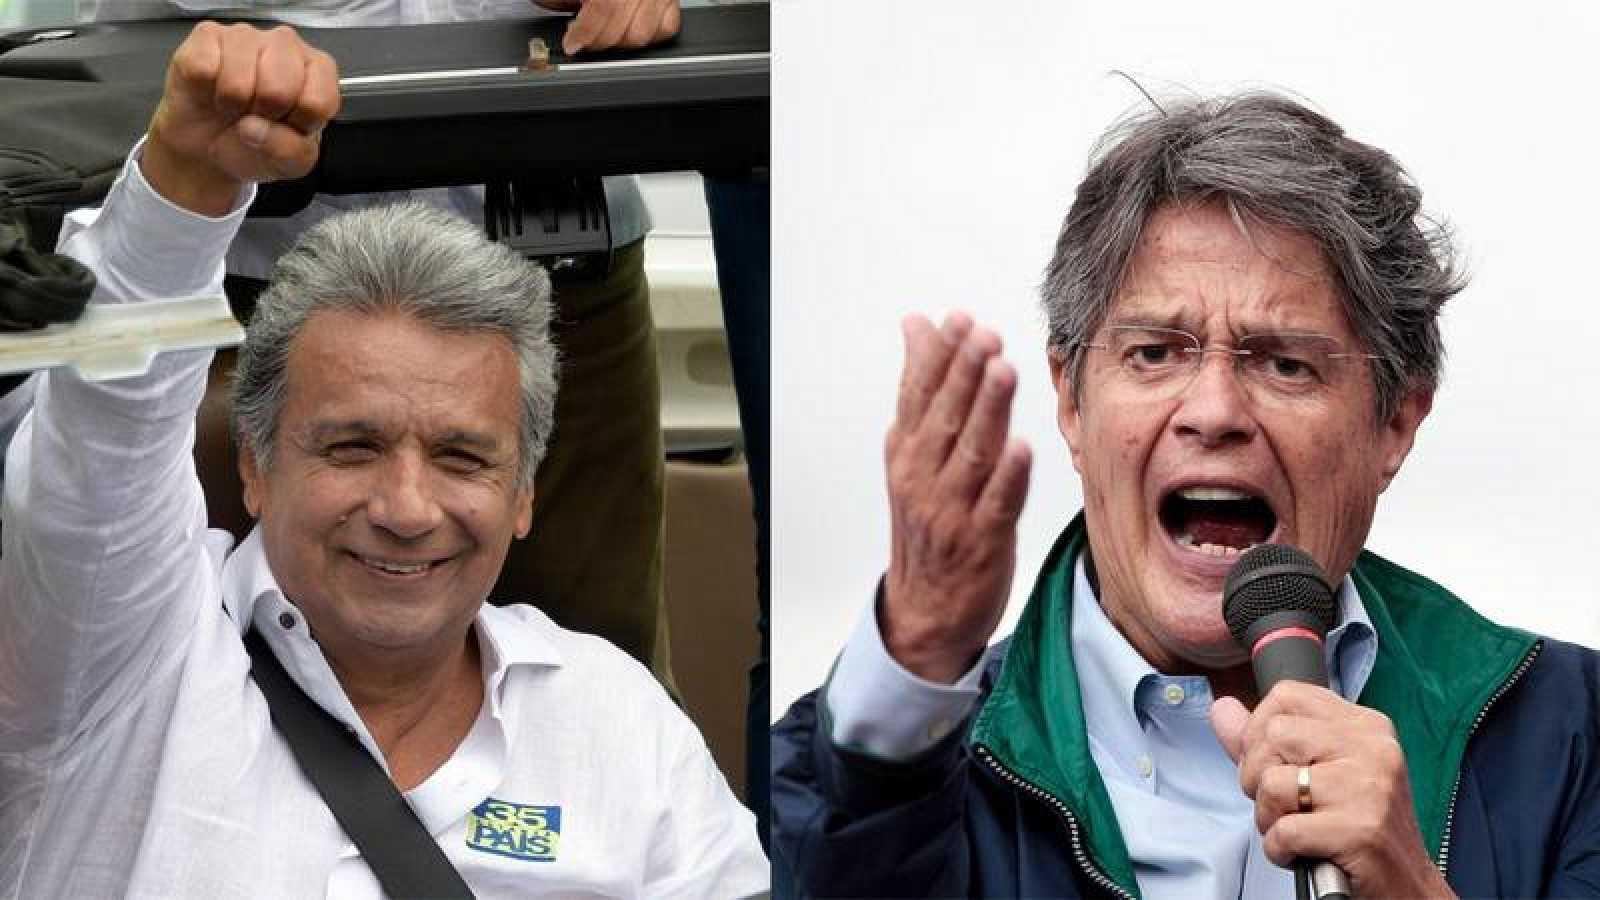 Lo que deja la coalición reaccionaria en Ecuador Por Adoración Guamán y Jonathan Báez | Desalineados, Ecuador